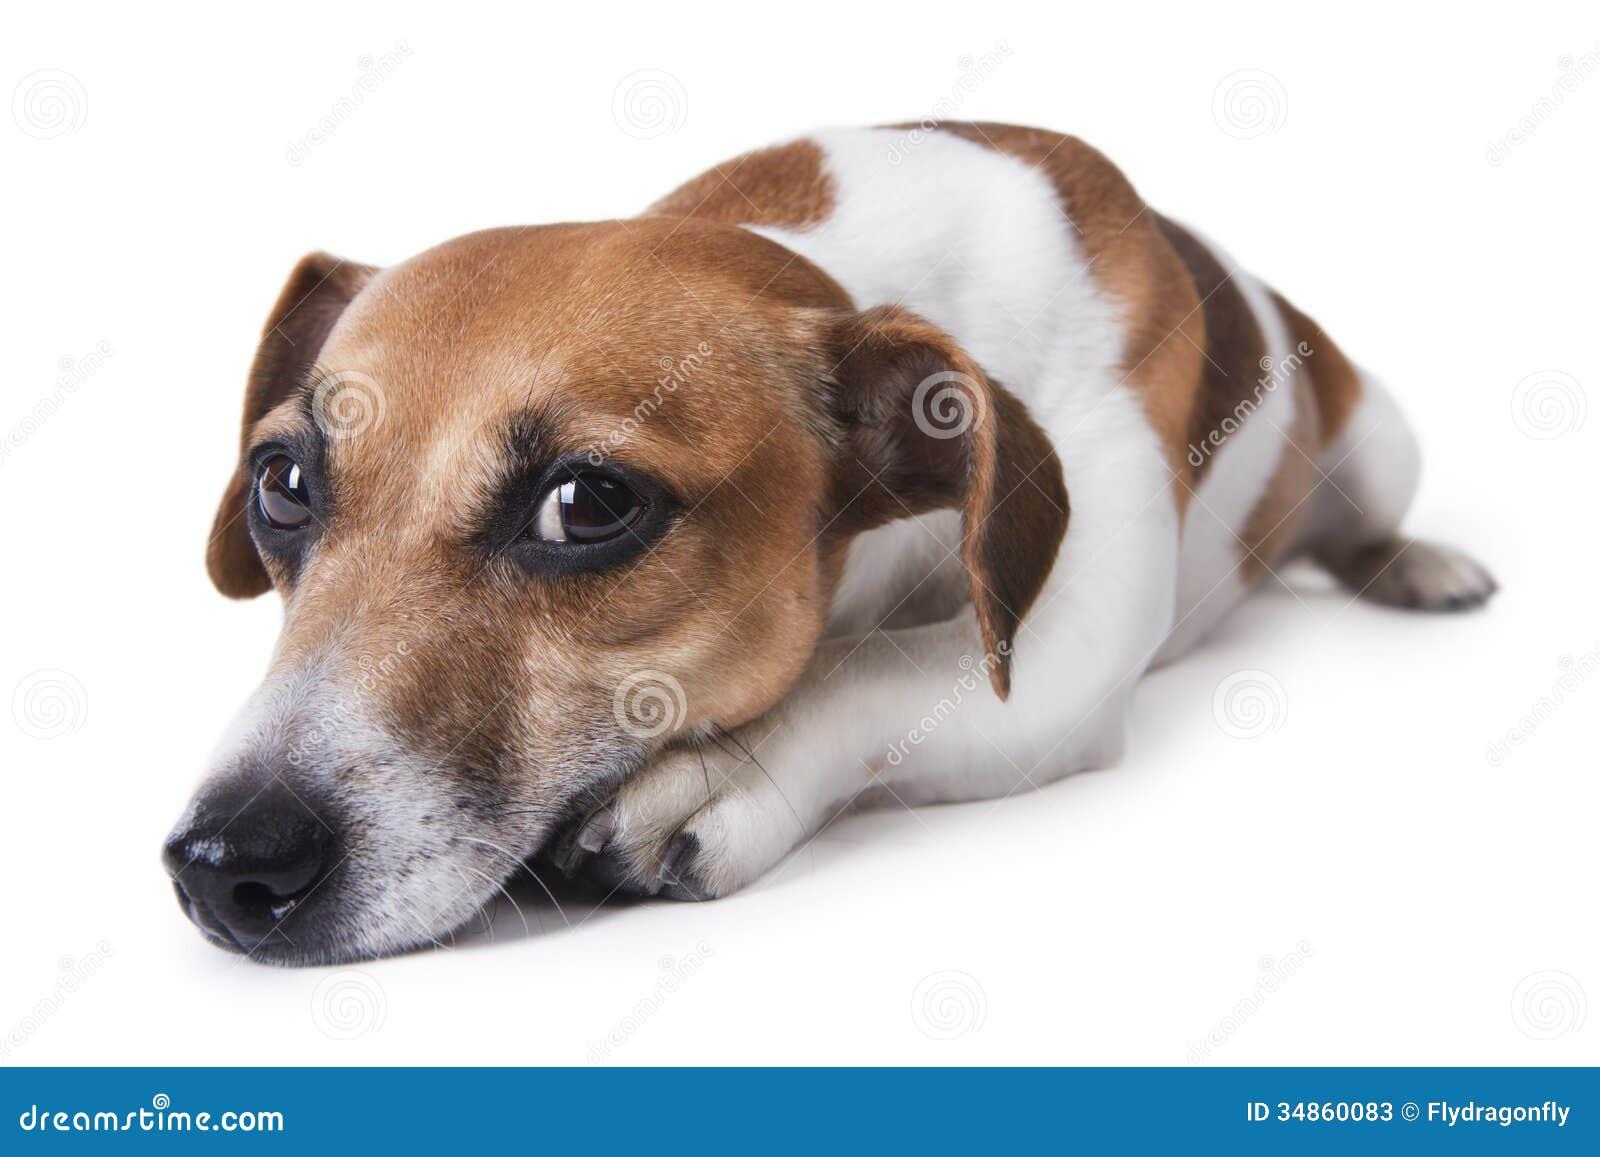 Dog Breed With Sad Eyes